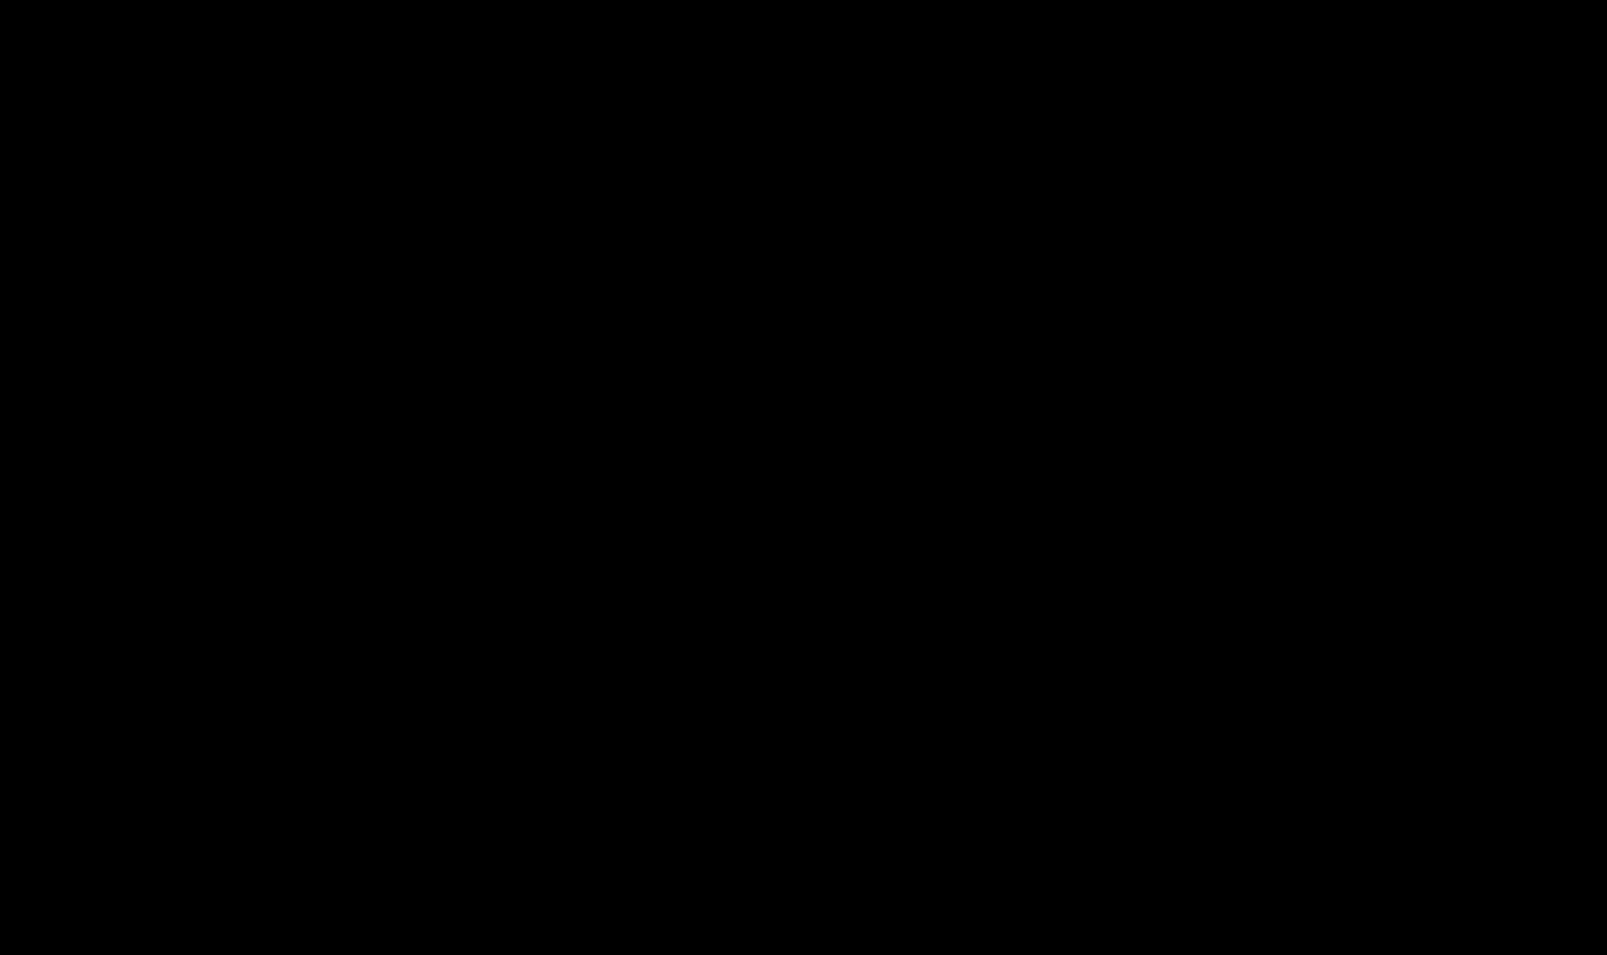 MAL-dPEG®₄-(m-dPEG®₄)₃